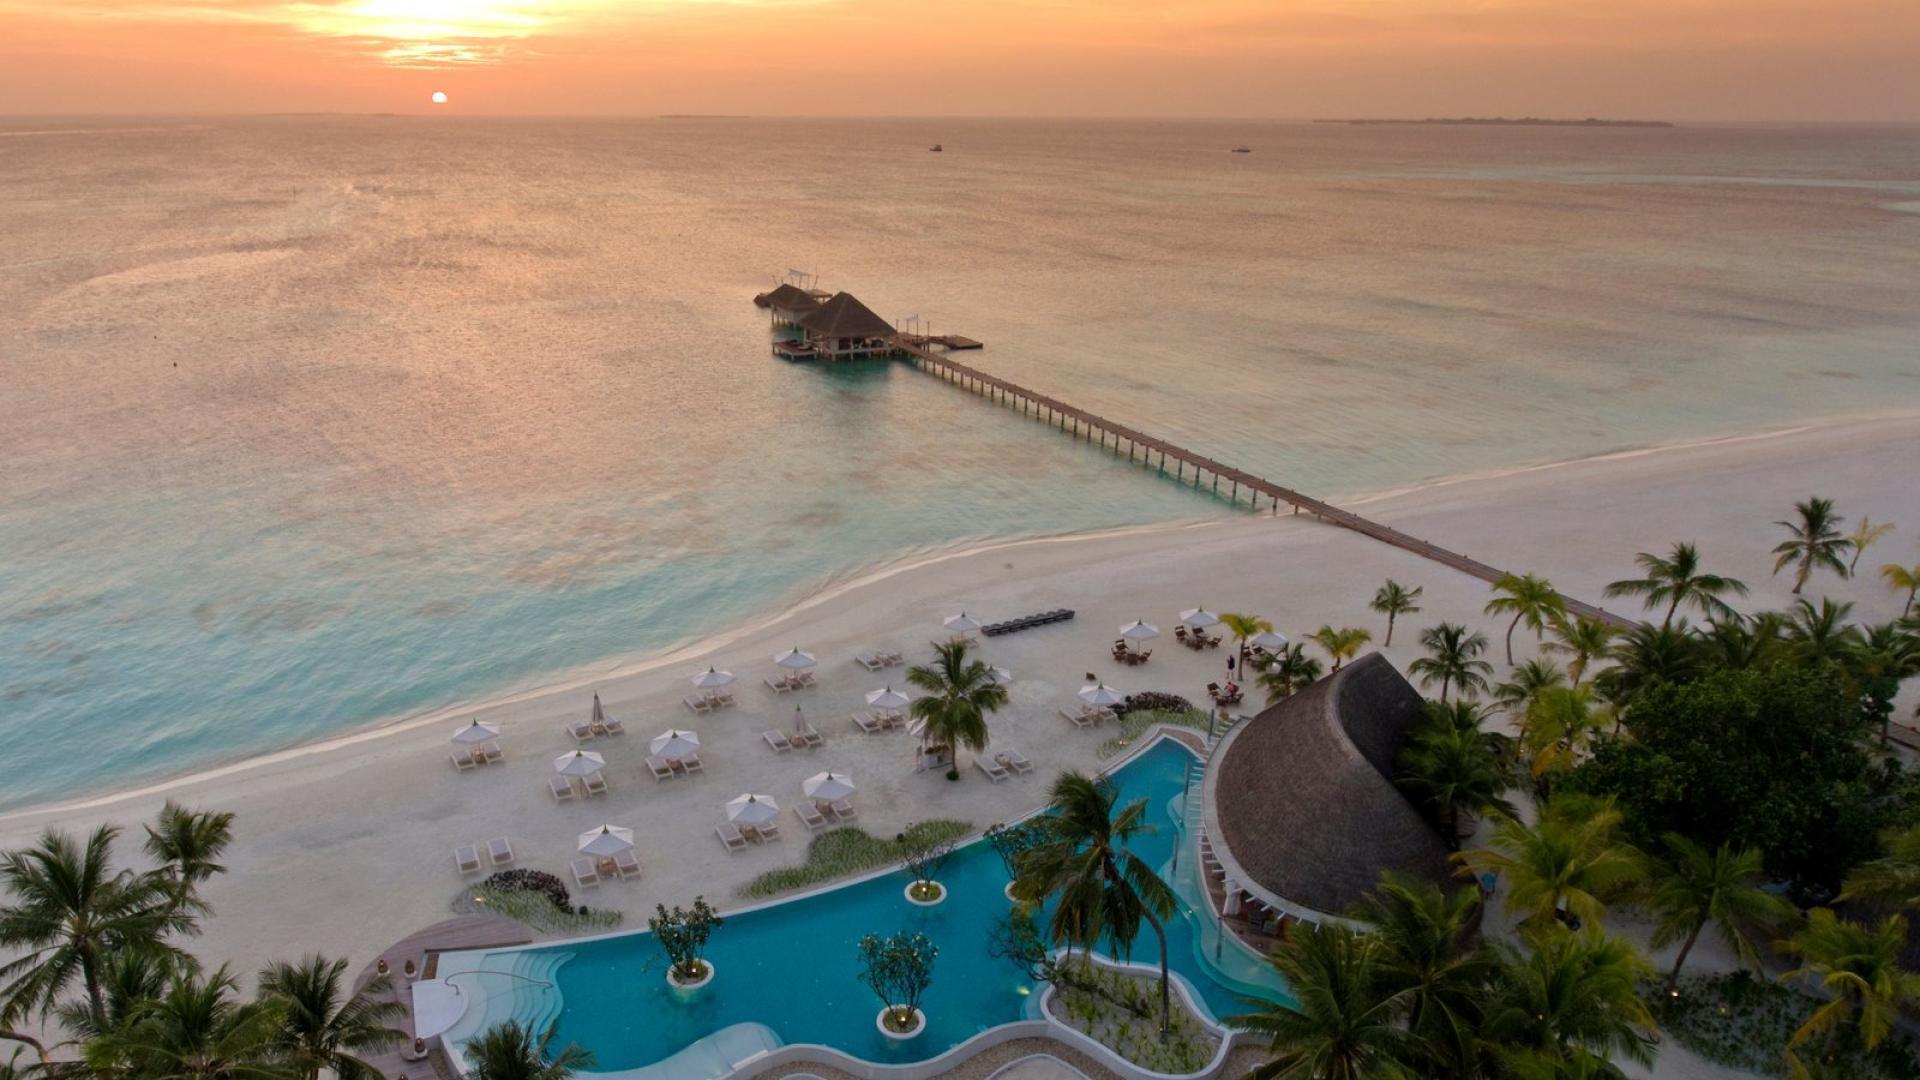 هتل کانوهورا مالدیو، در لیست برترین هتلهای لوکس آسیا